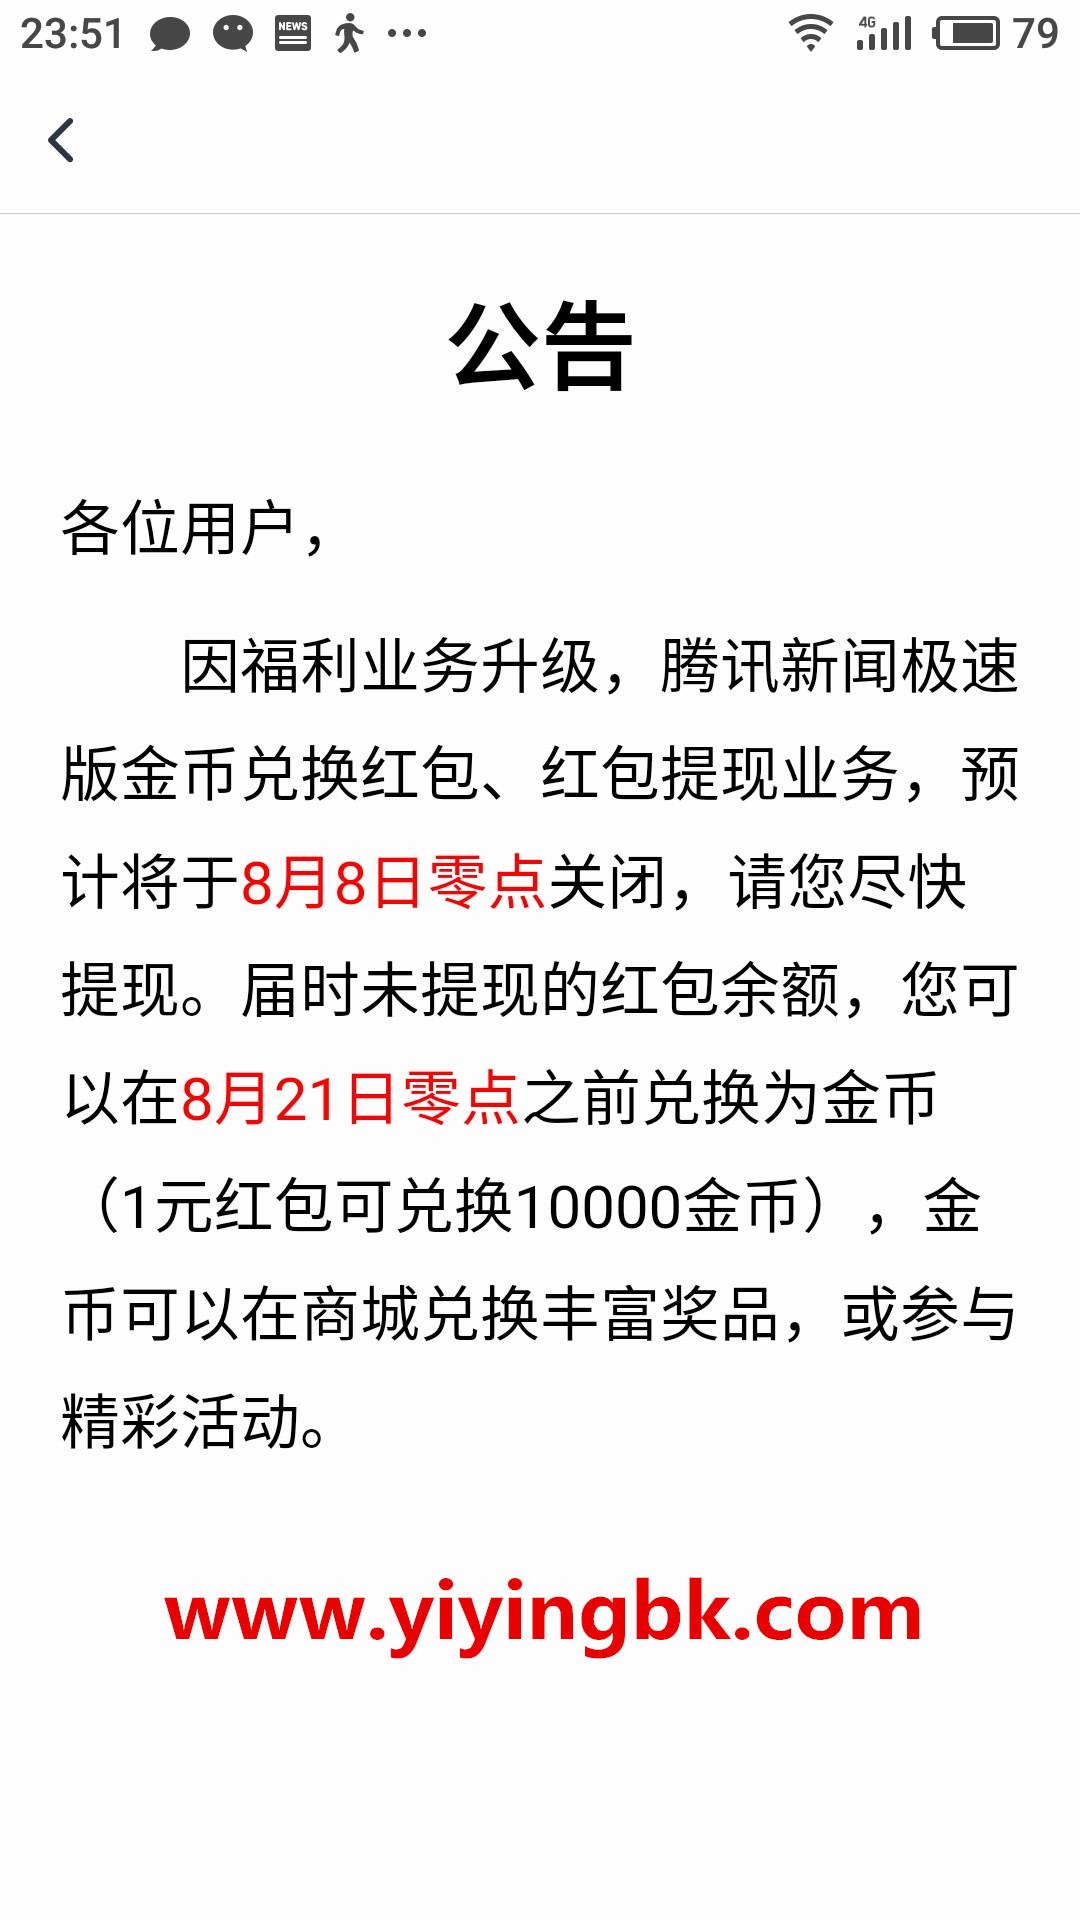 腾讯新闻极速版【红包提现高速公告】通知